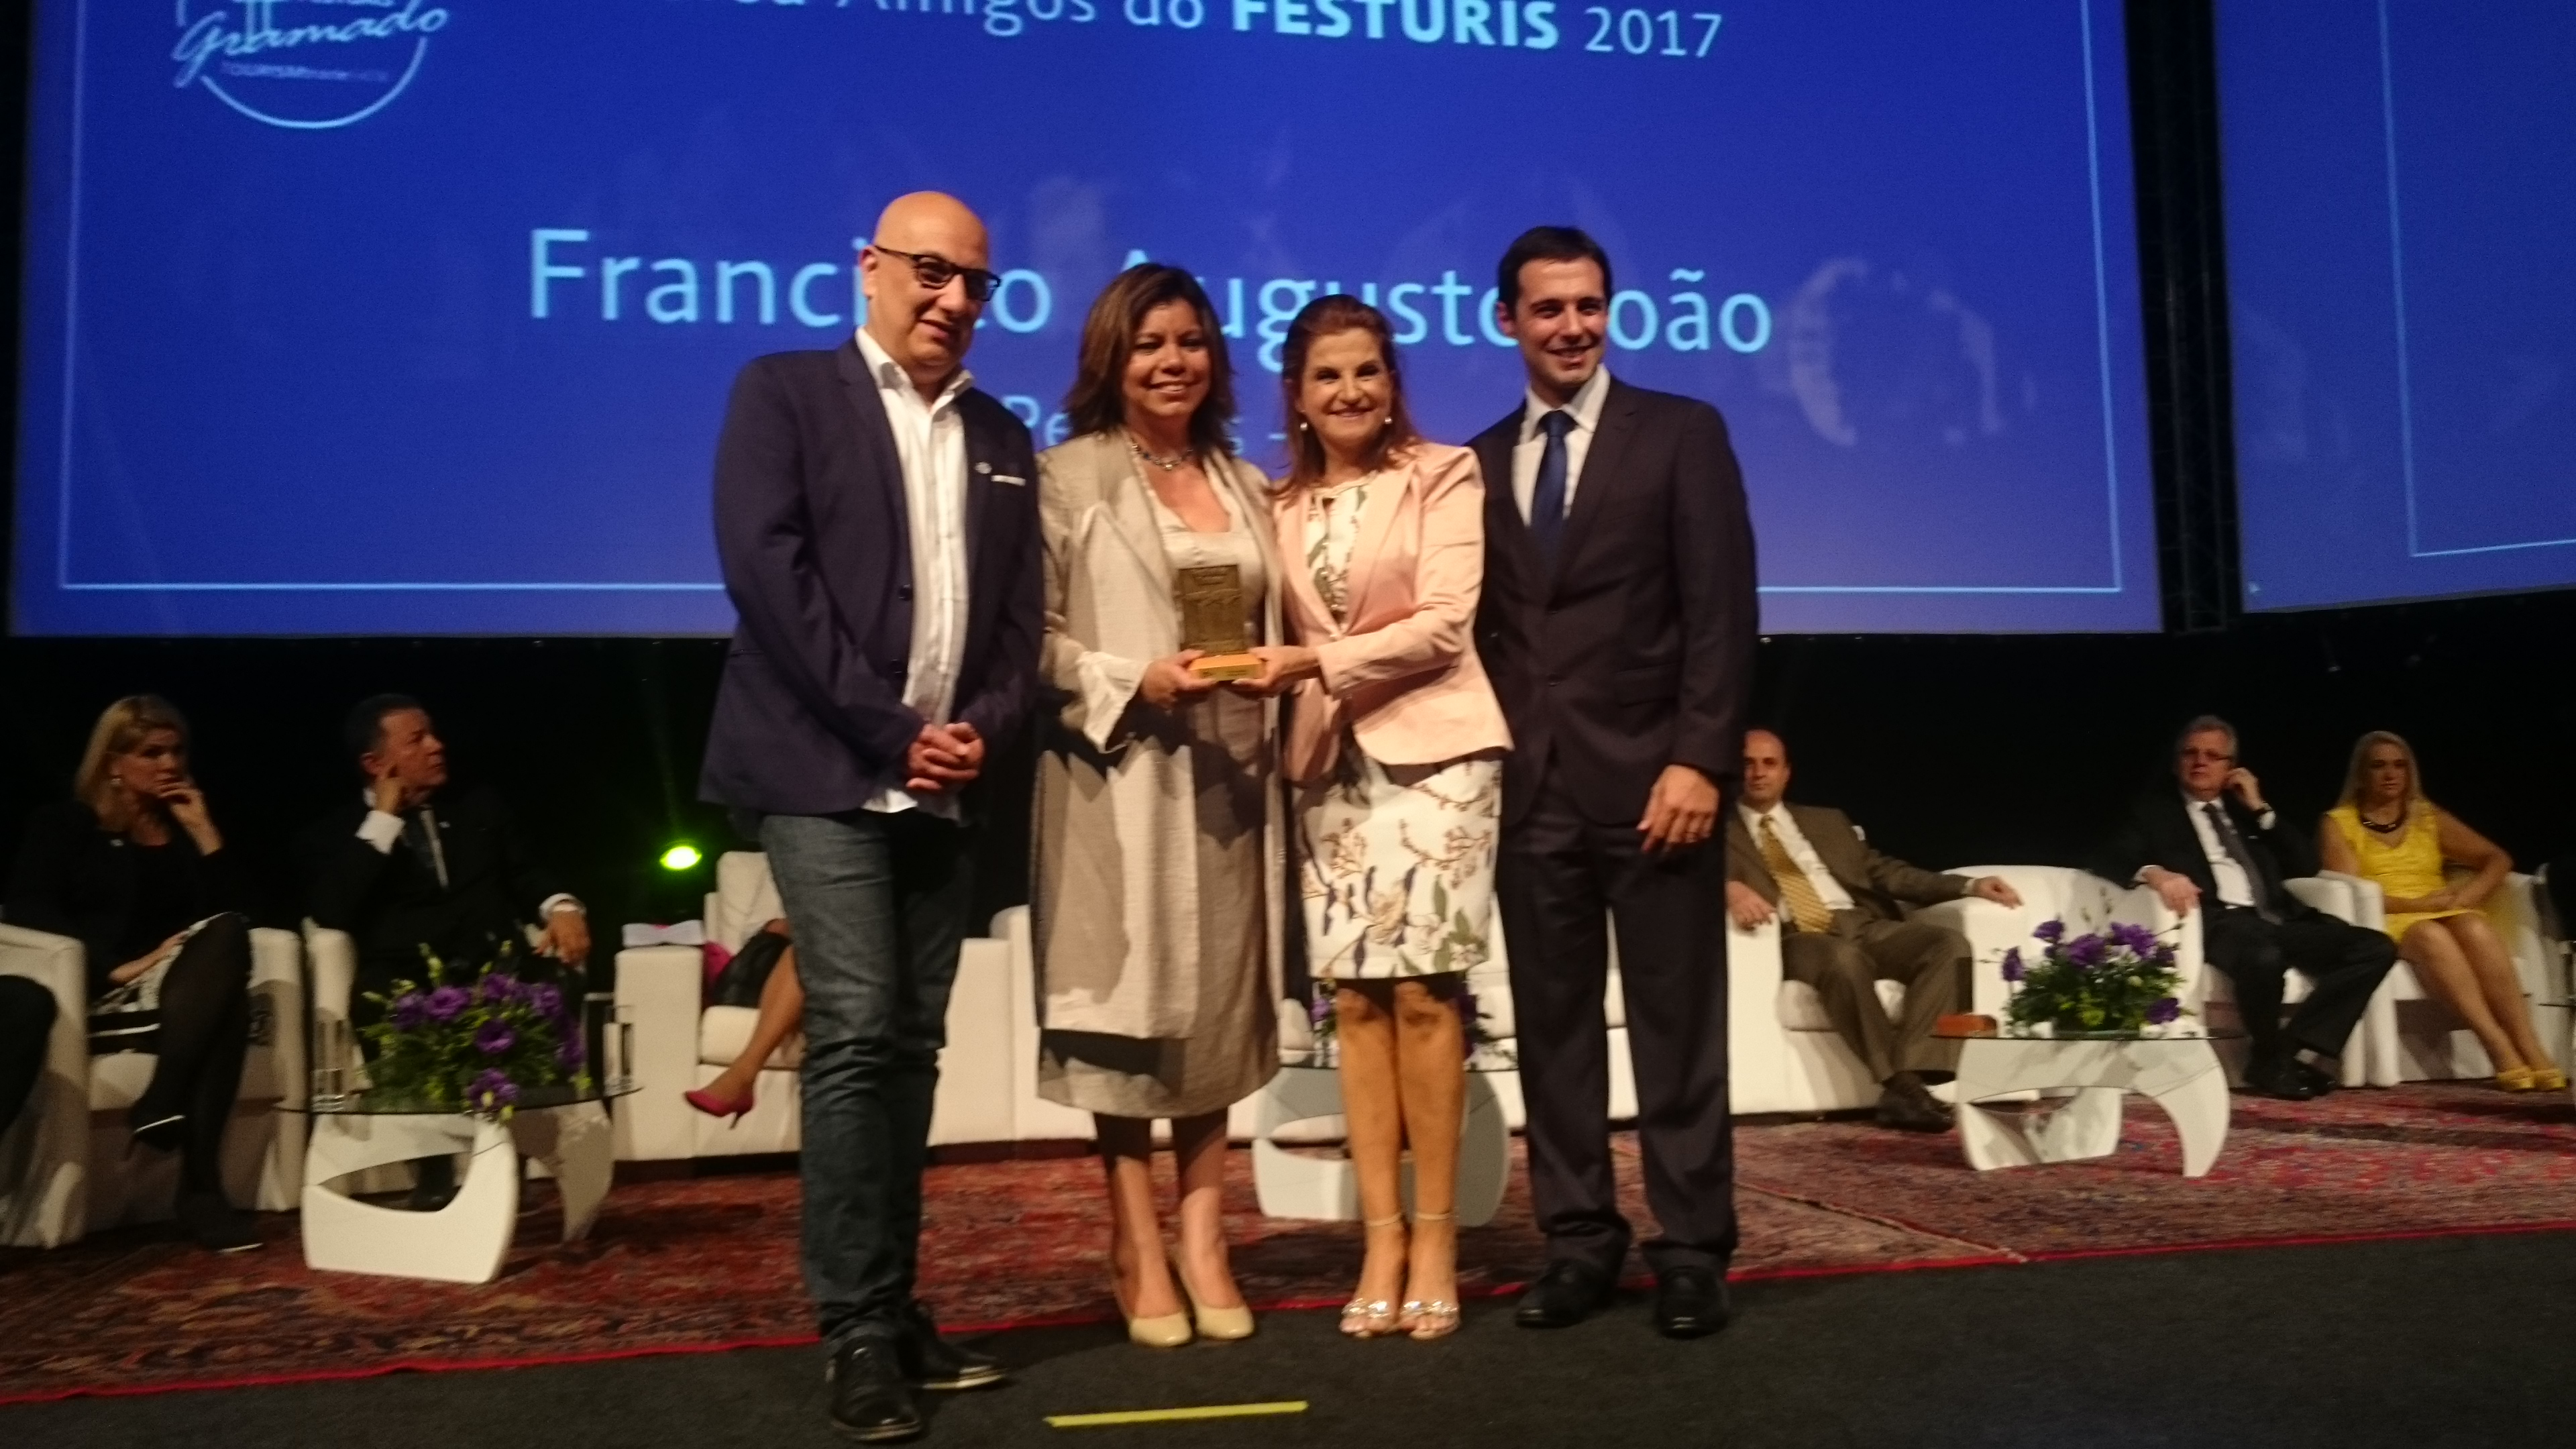 Diana Pomar, diretora do CPTM/Brasil - Conselho de Promoção Turística do México, recebe o Troféu Amigo